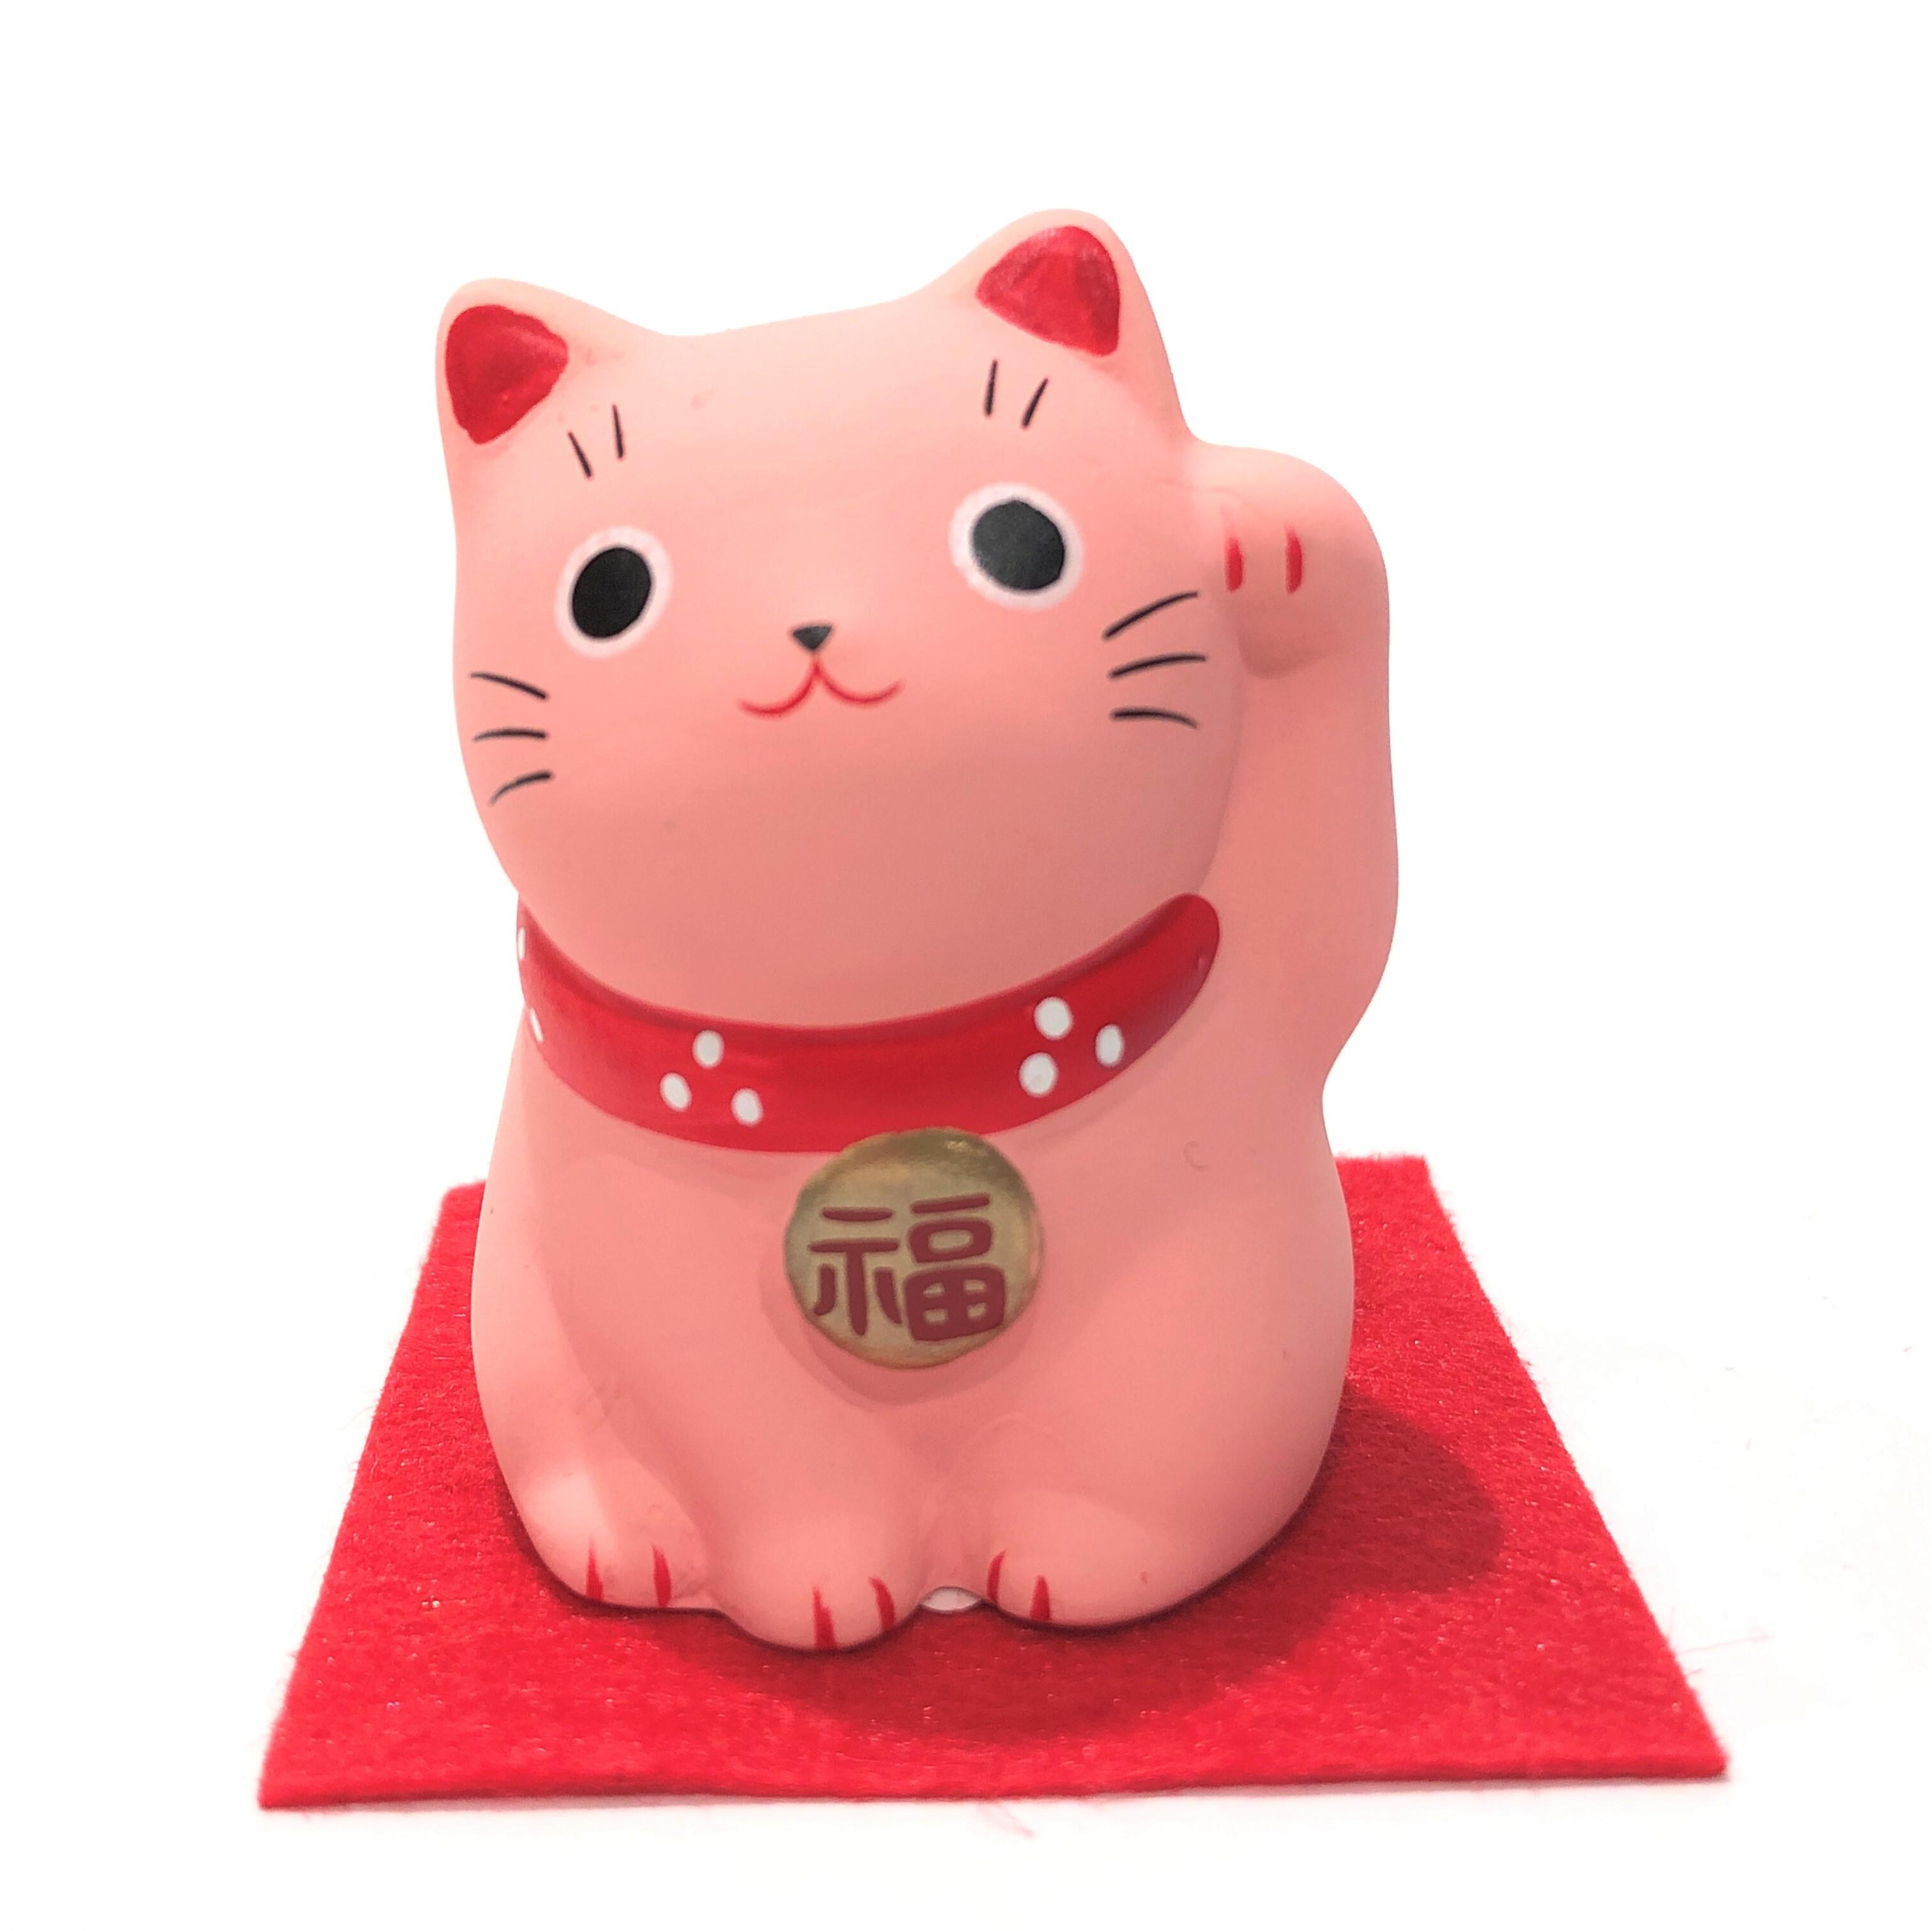 錦彩福おいで招き猫 桃猫 恋愛成就